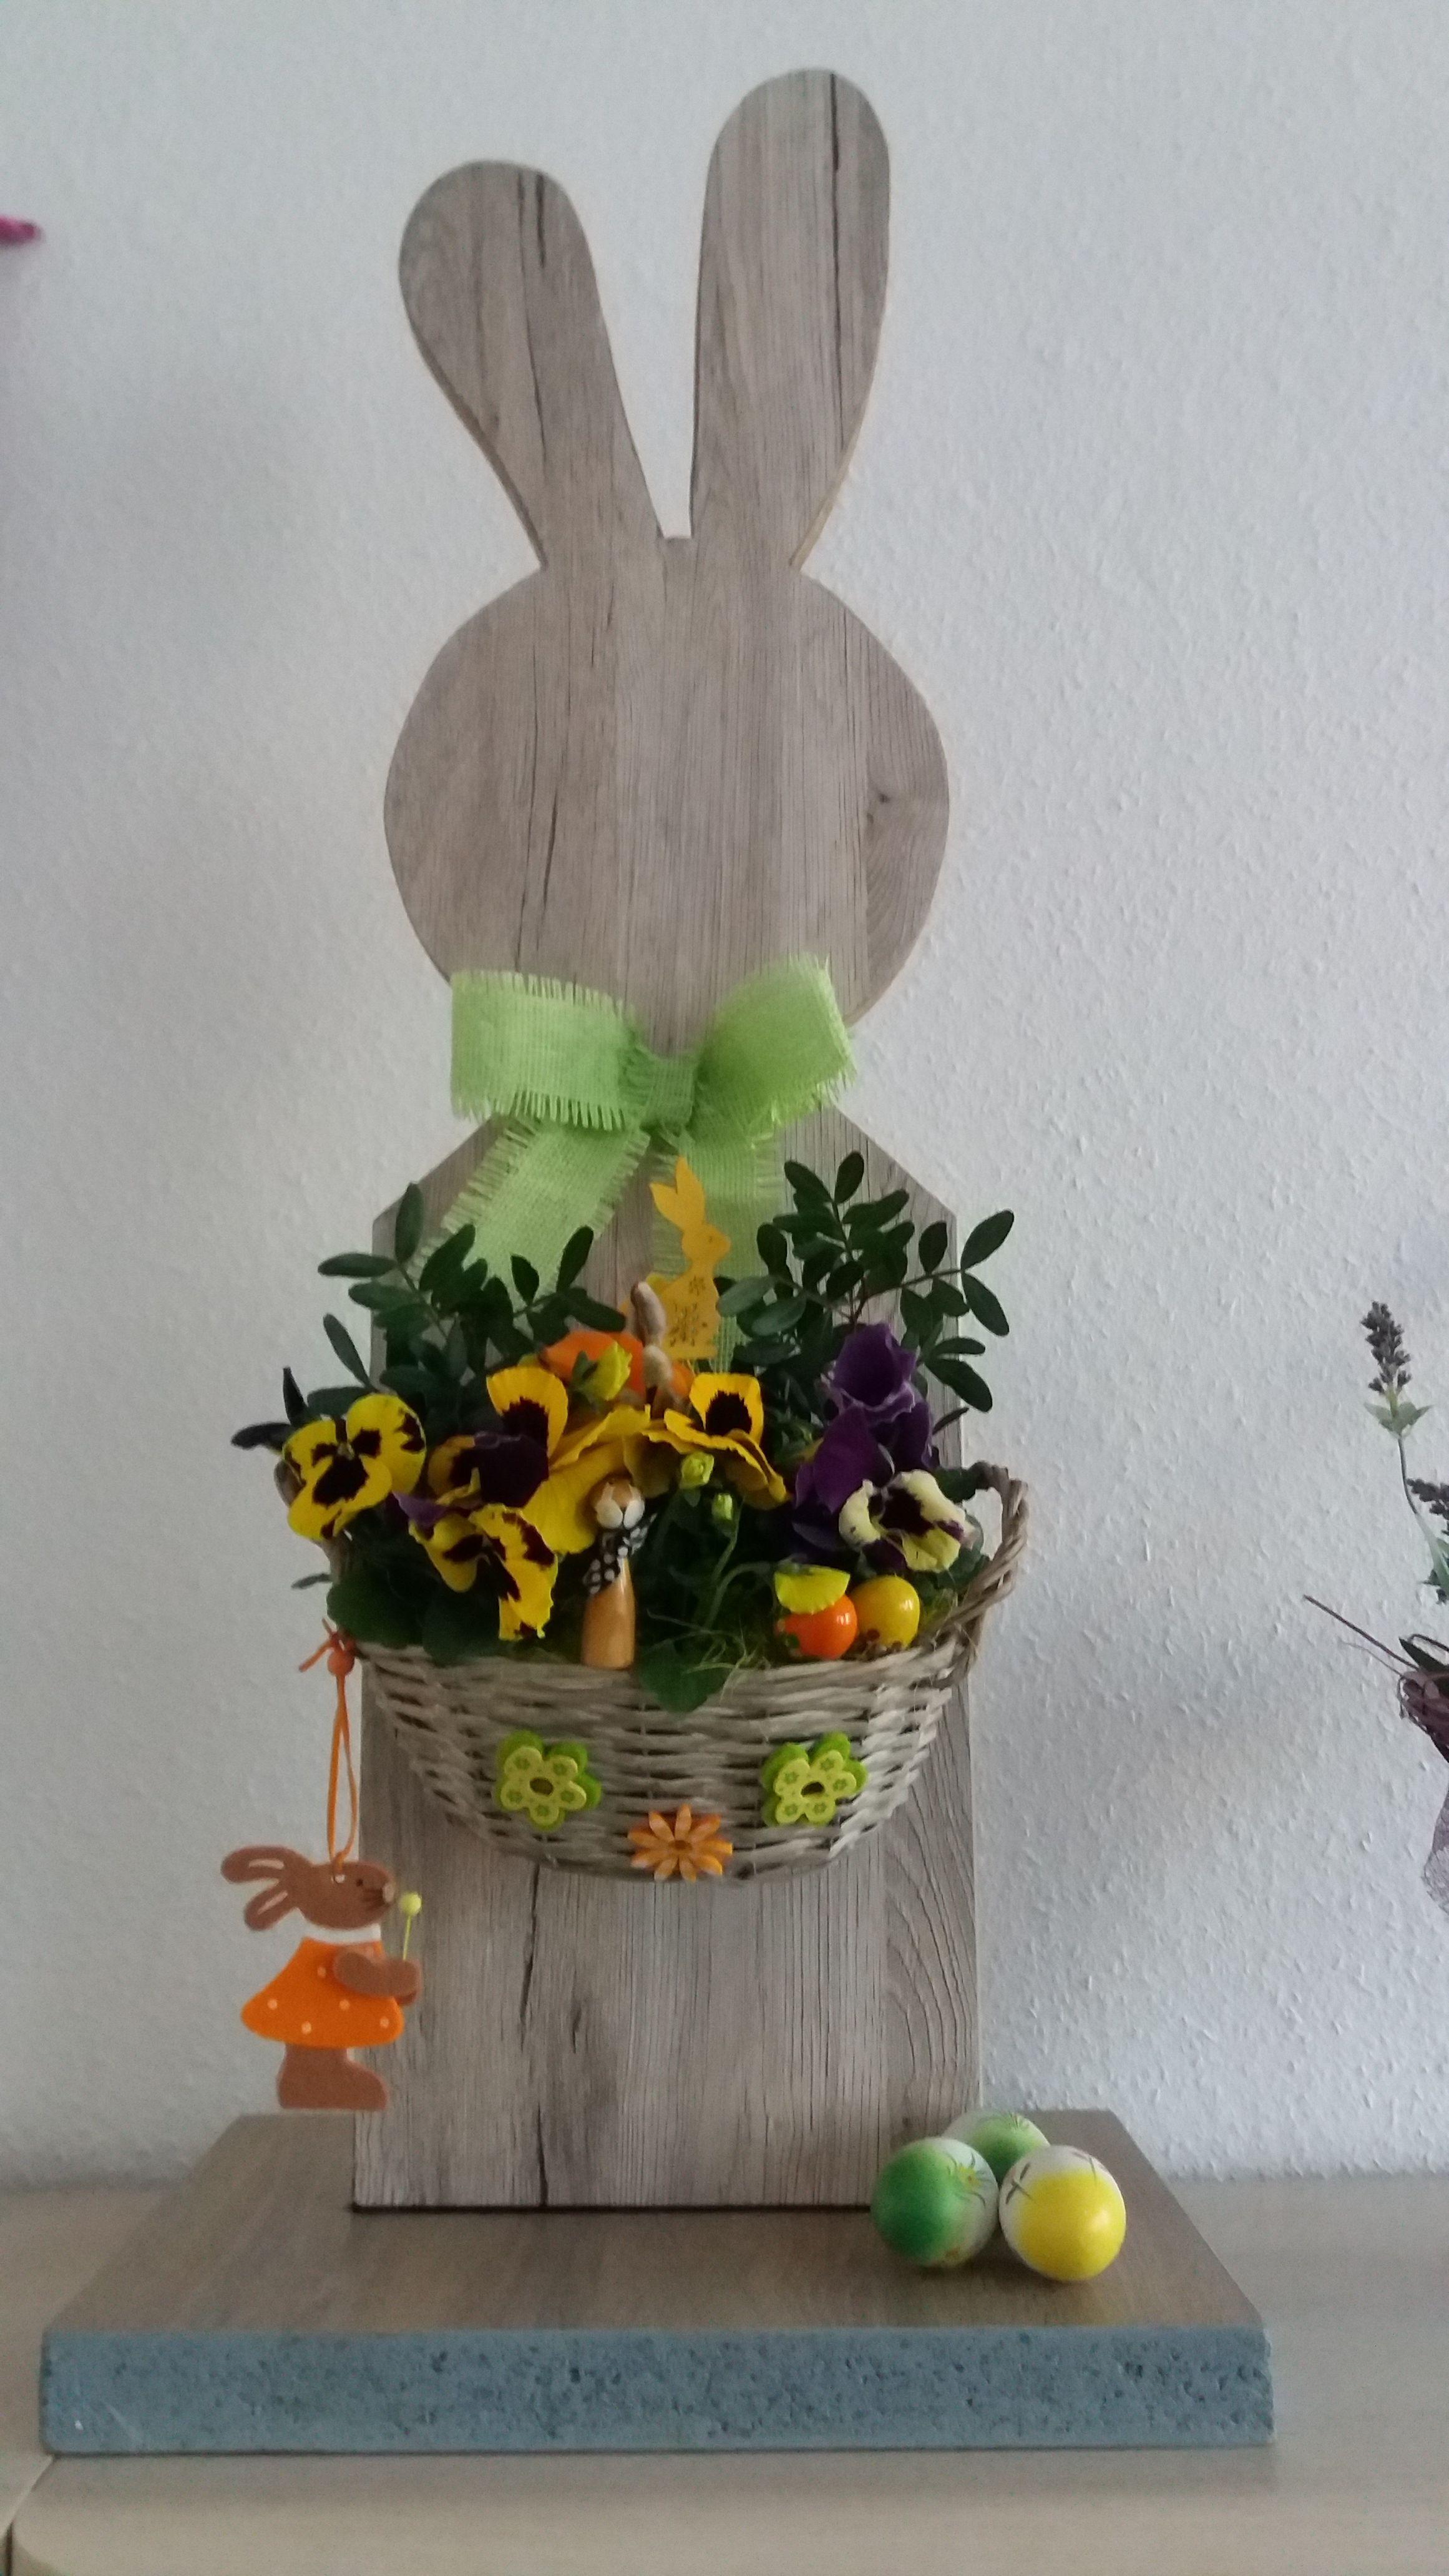 Osterhase Aus Holz Mit Korbchen Zum Bepflanzen Osterhasen Aus Holz Ostern Deko Osternest Basteln